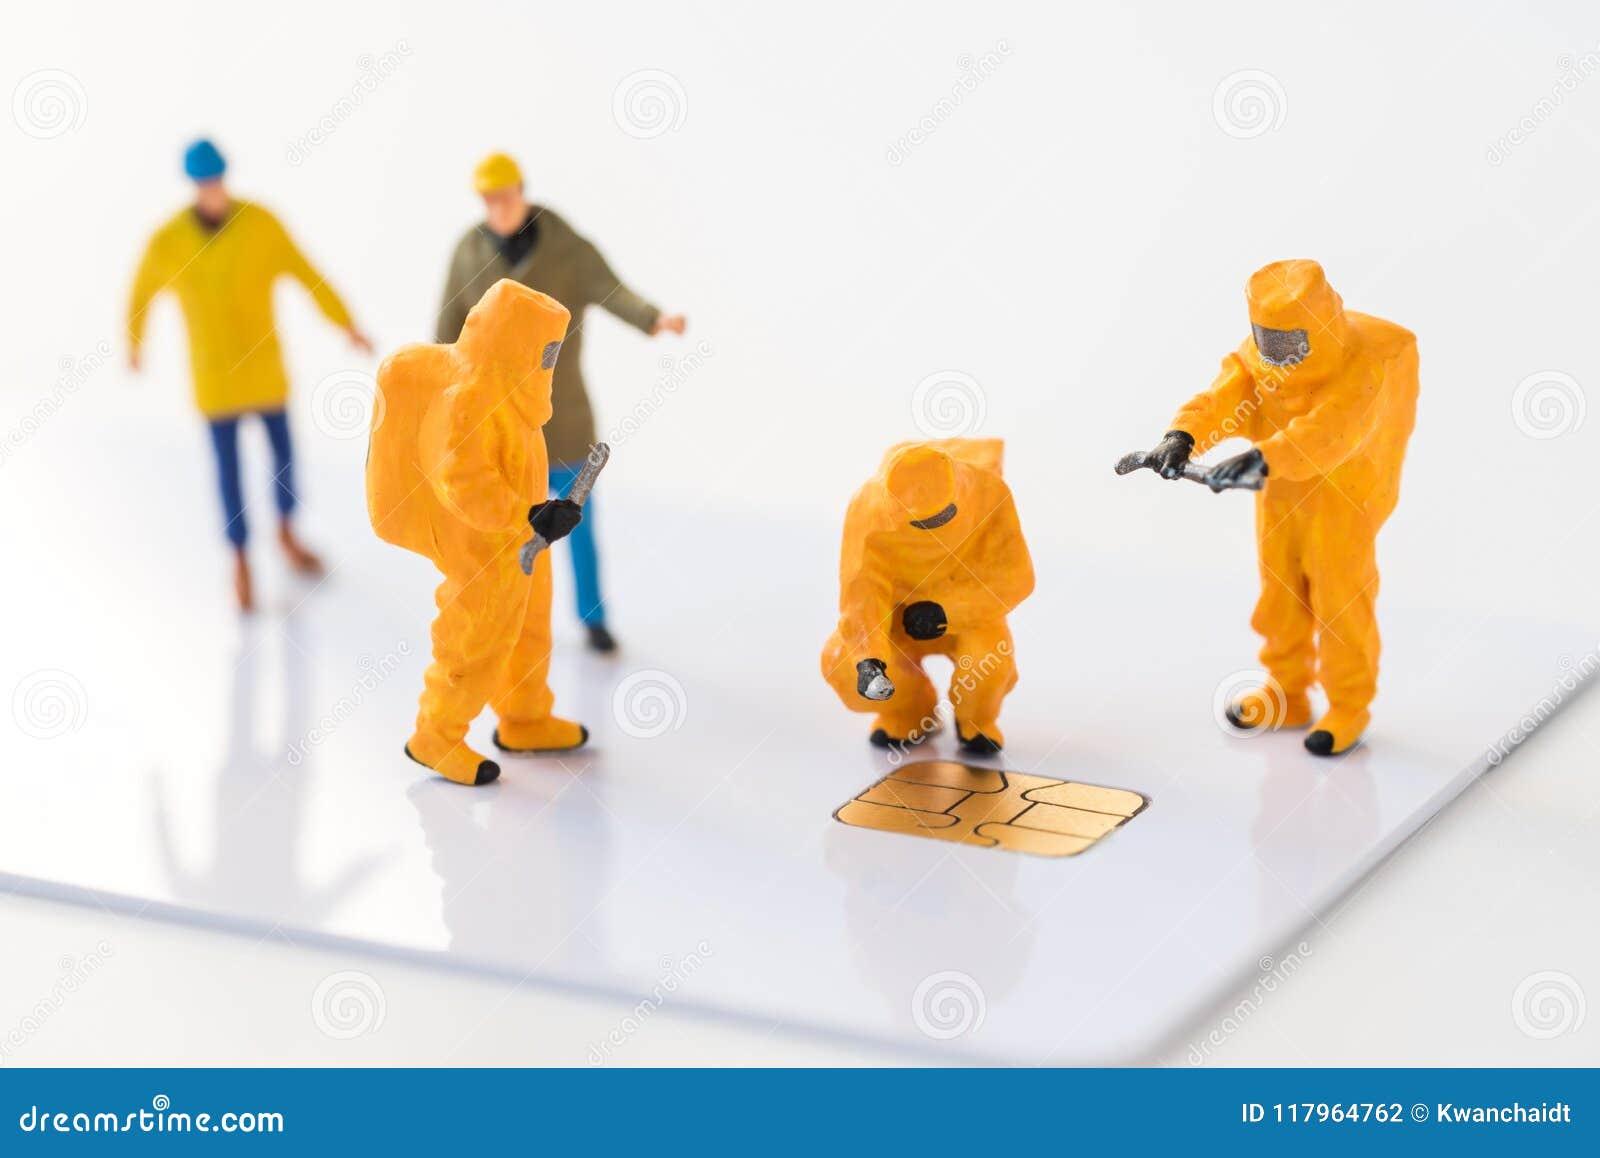 Technisches Miniaturteam überwachen Schadstoffe in Mikrosh